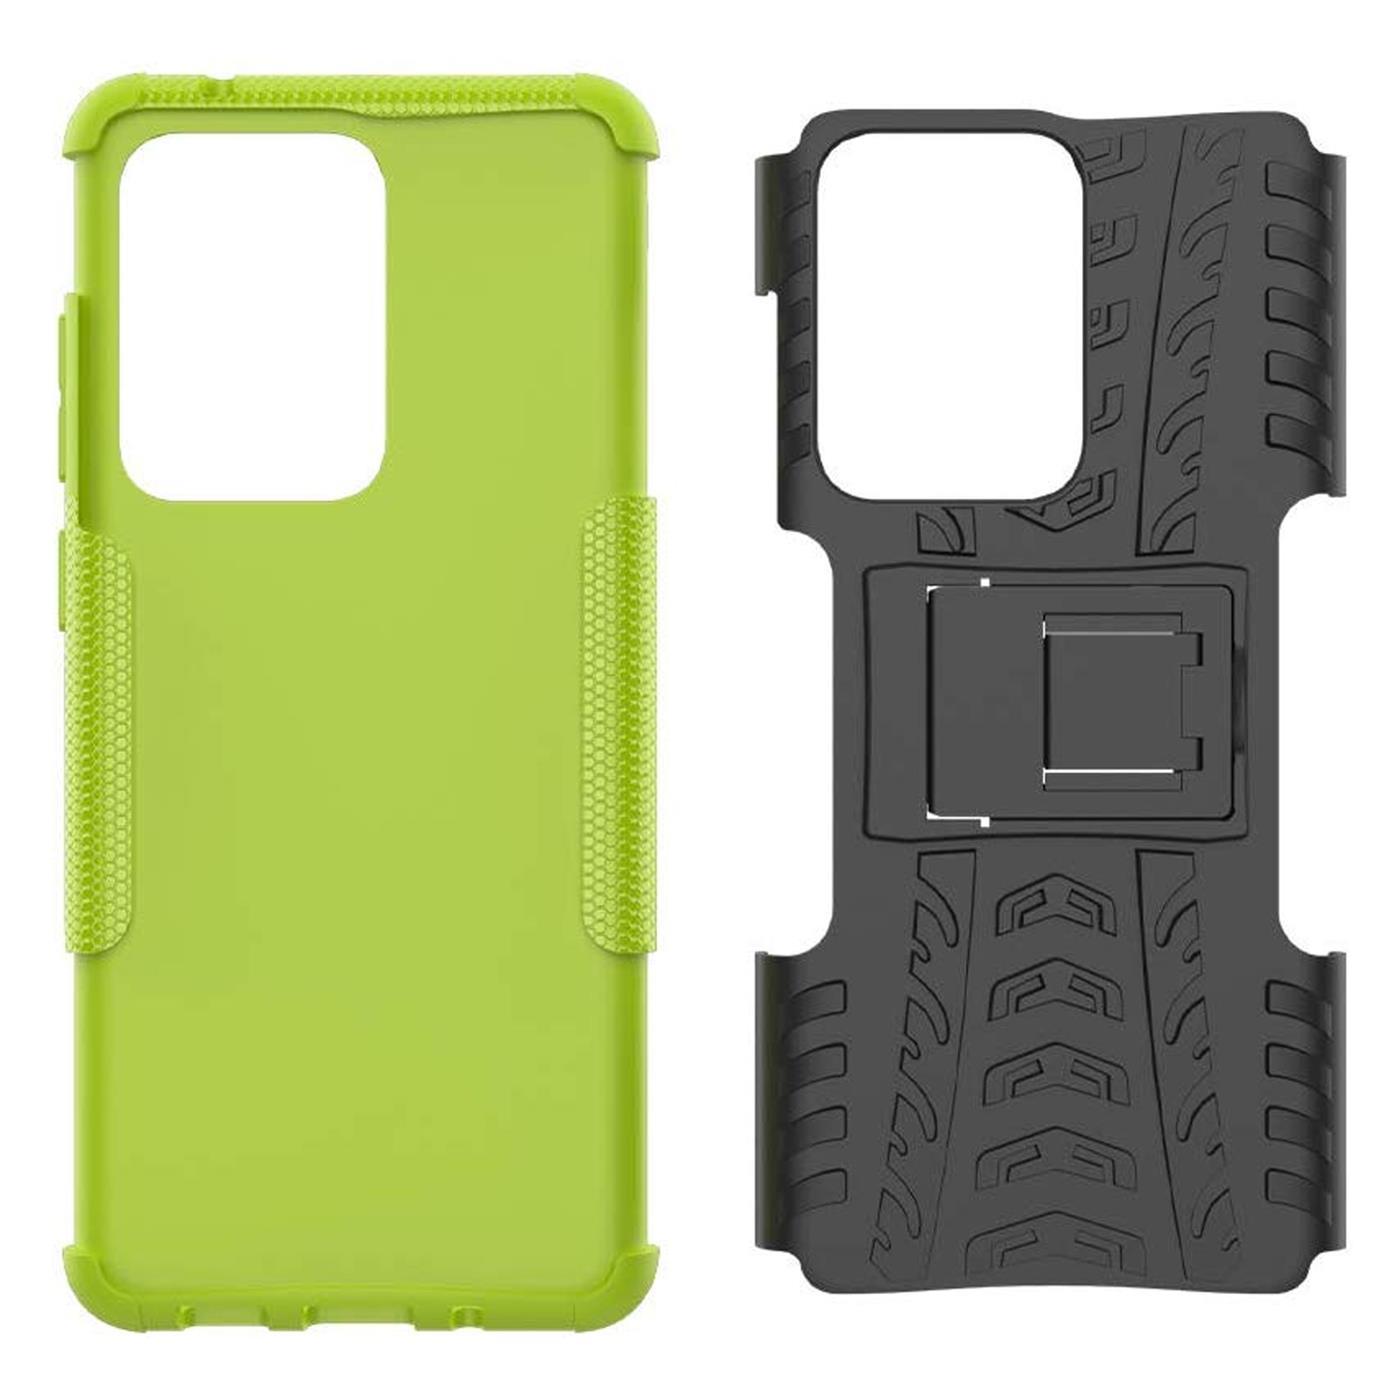 Samsung-Galaxy-S20-Serie-Schutzhuelle-Rugged-Handy-Tasche-Robust-Outdoor-Cover Indexbild 20